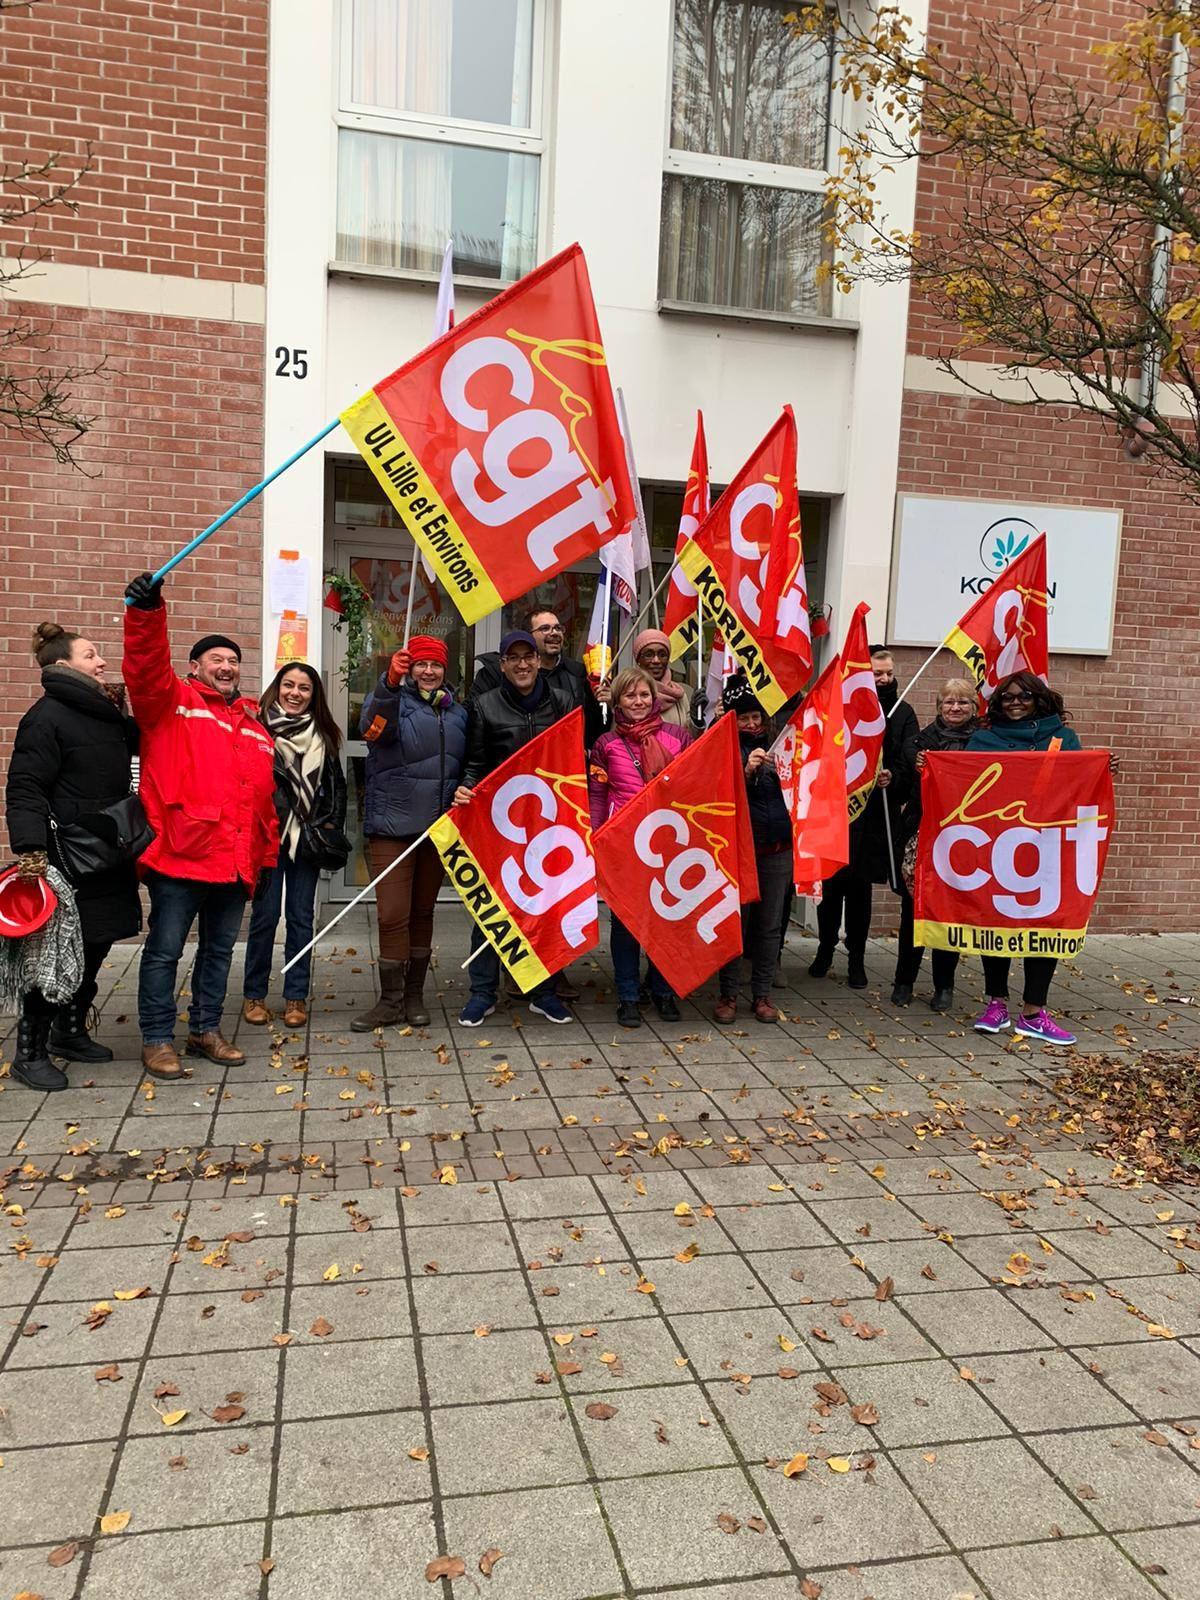 La CGT Korian dans la lutte contre la réforme des retraites! Et ils étaient ou les autres syndicats de Korian qui prétendent défendre les salarié.es? Ah! ce n'est que pour les élections...hahahahahaha!!!